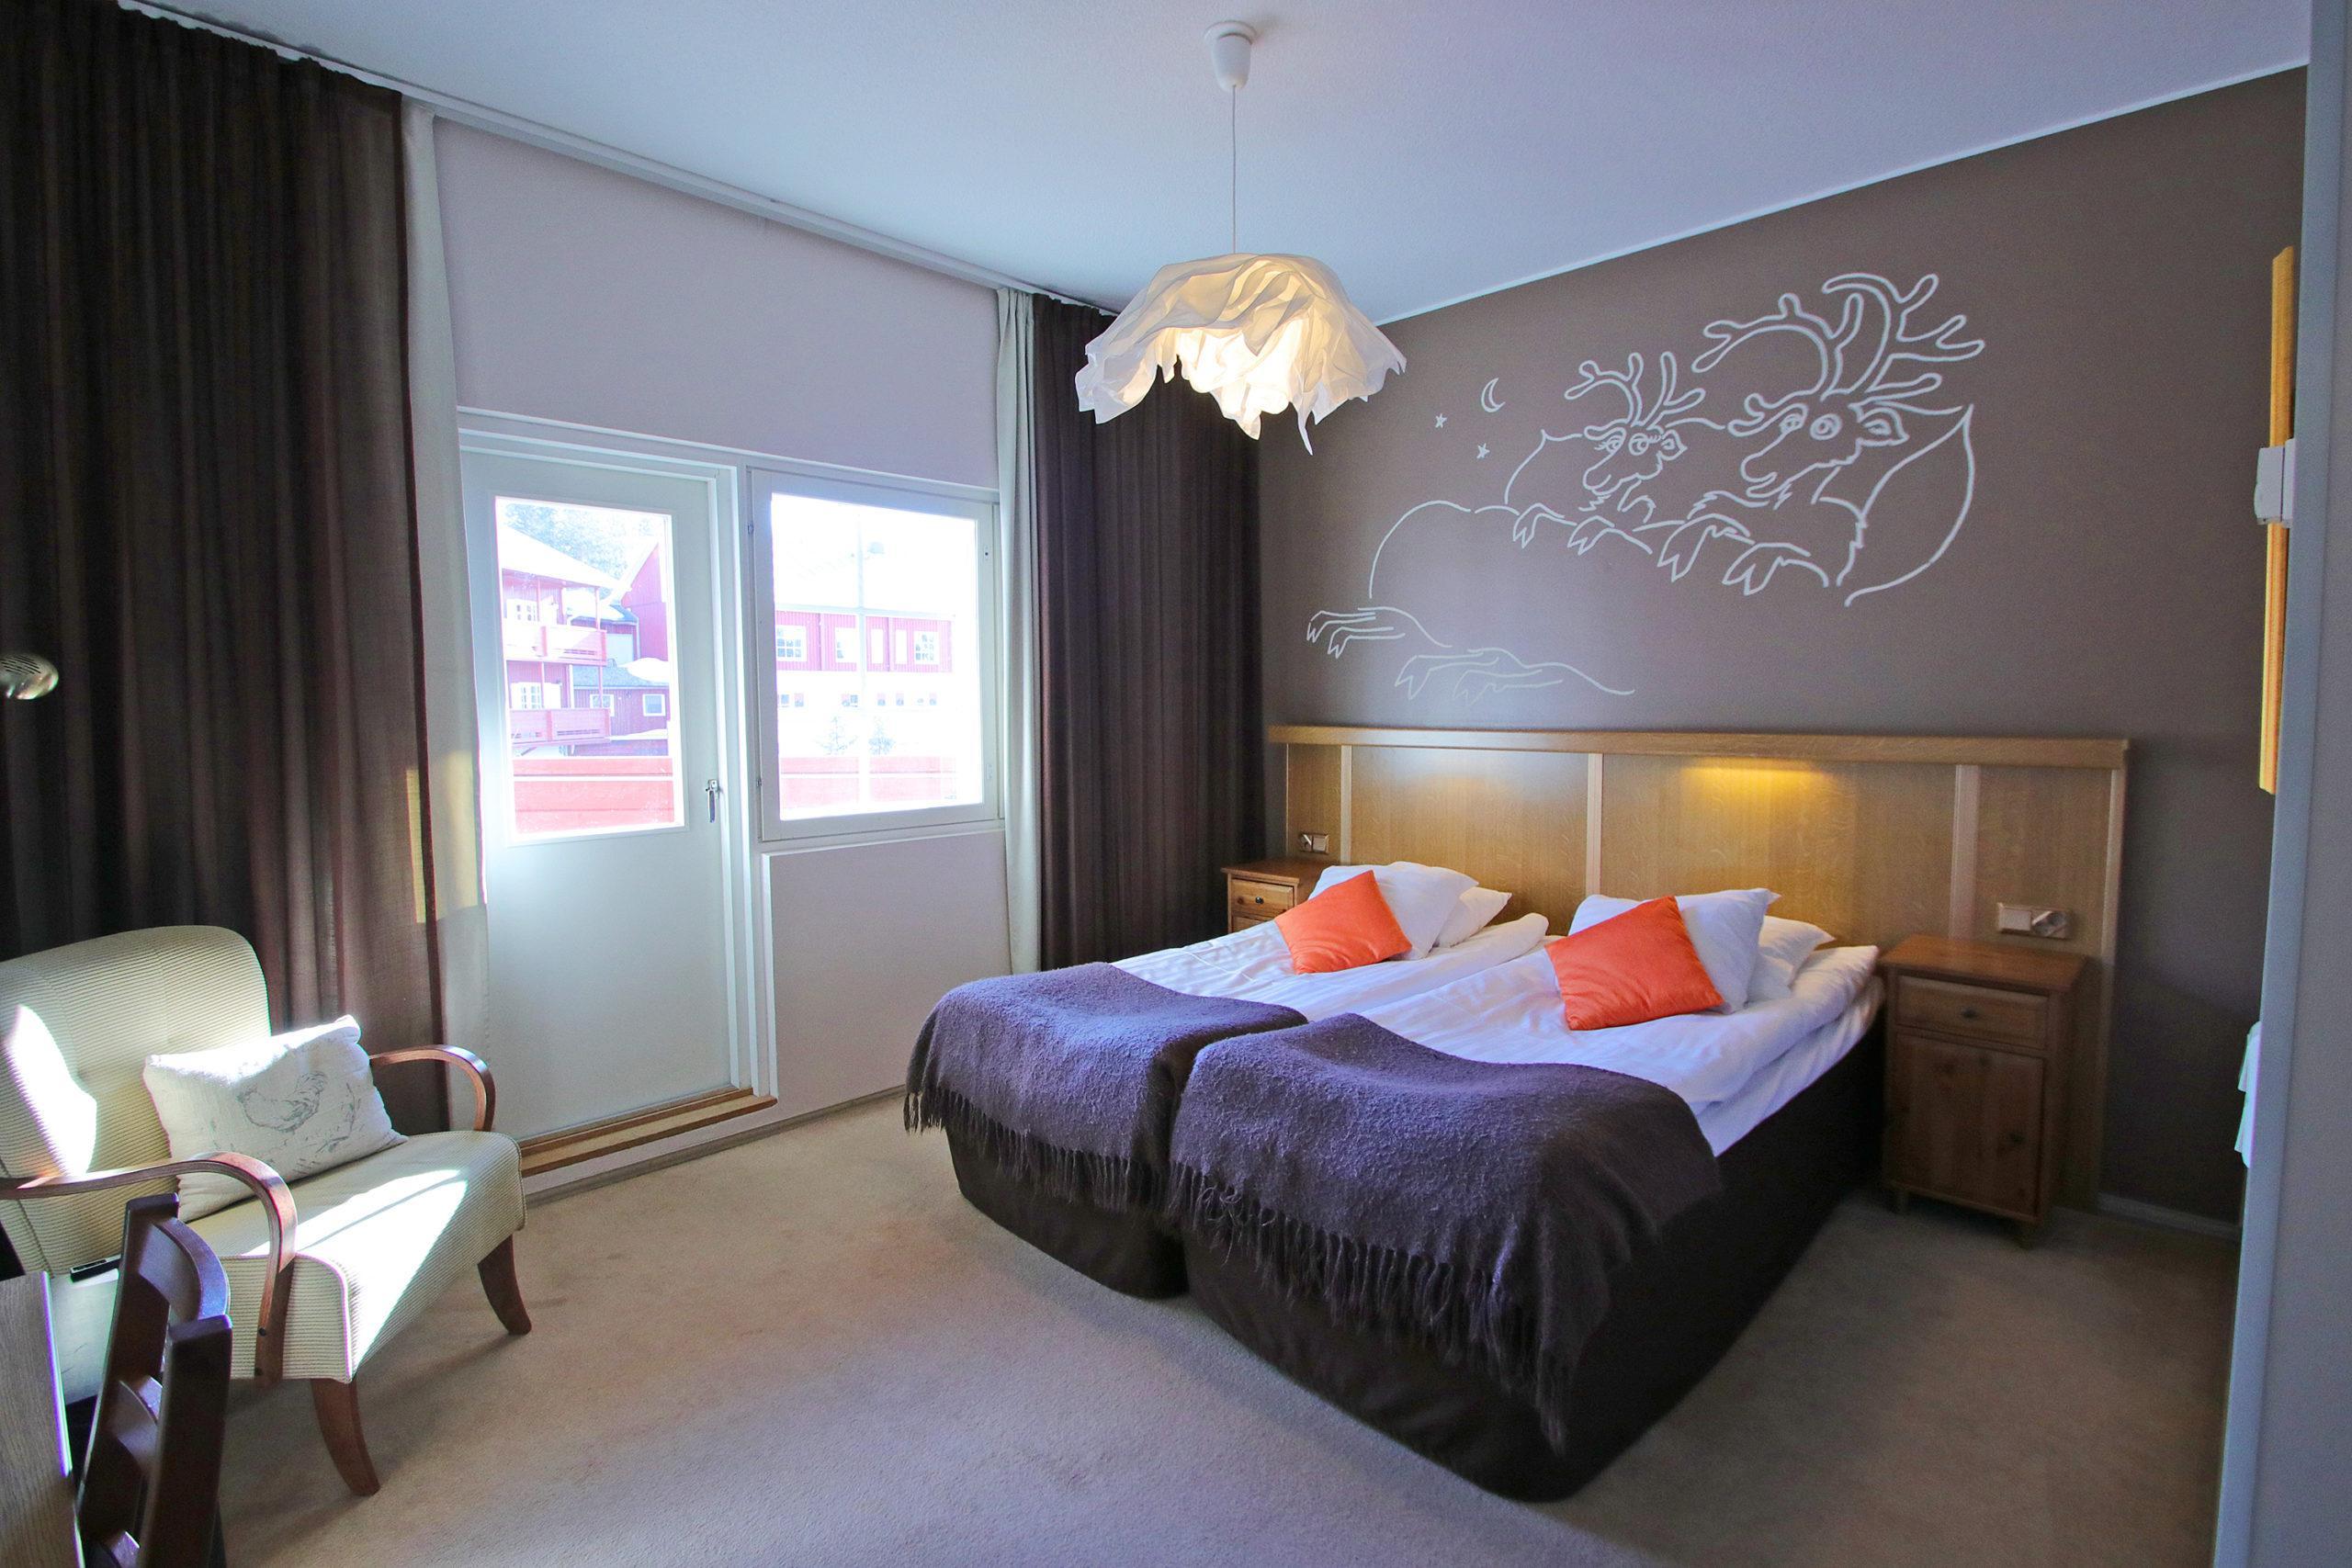 Gay/LGBTQ friendly Hotel Hullu Poro in Levi Finland, sateenkaariystävällinen Suomi yhteisön jäsen